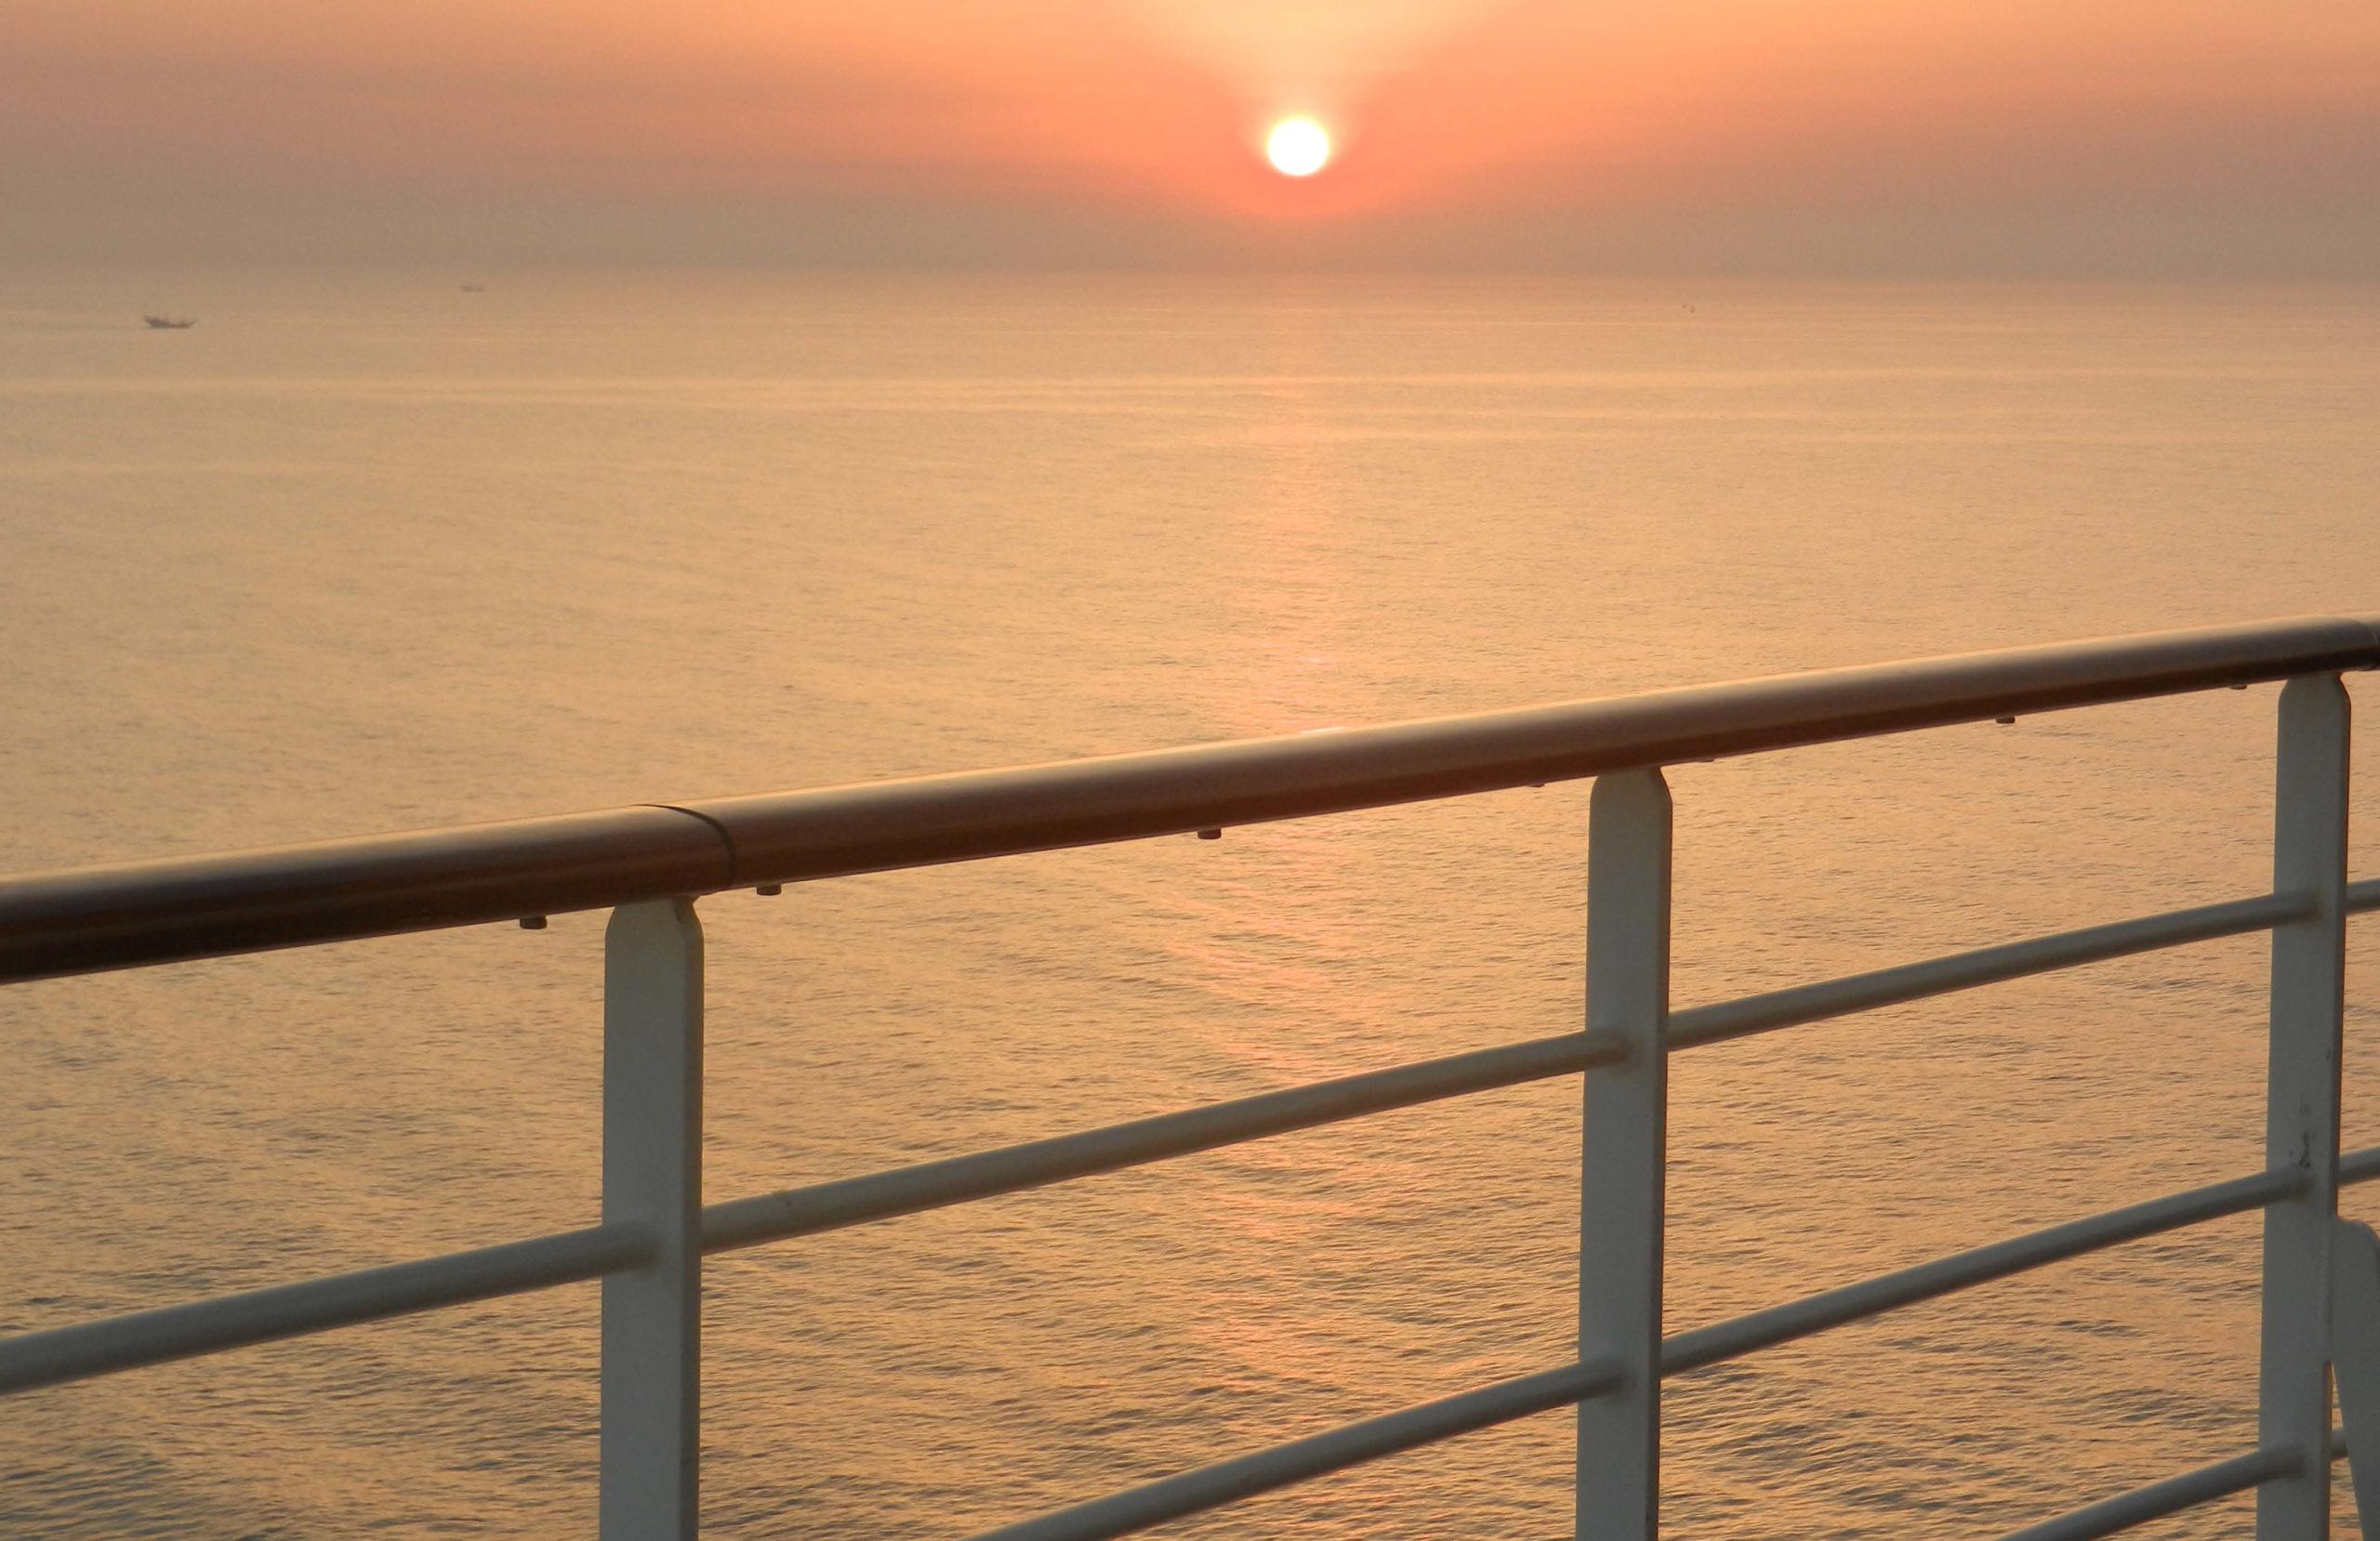 Sonnenuntergänge auf dem Meer sind die schönsten die es gibt